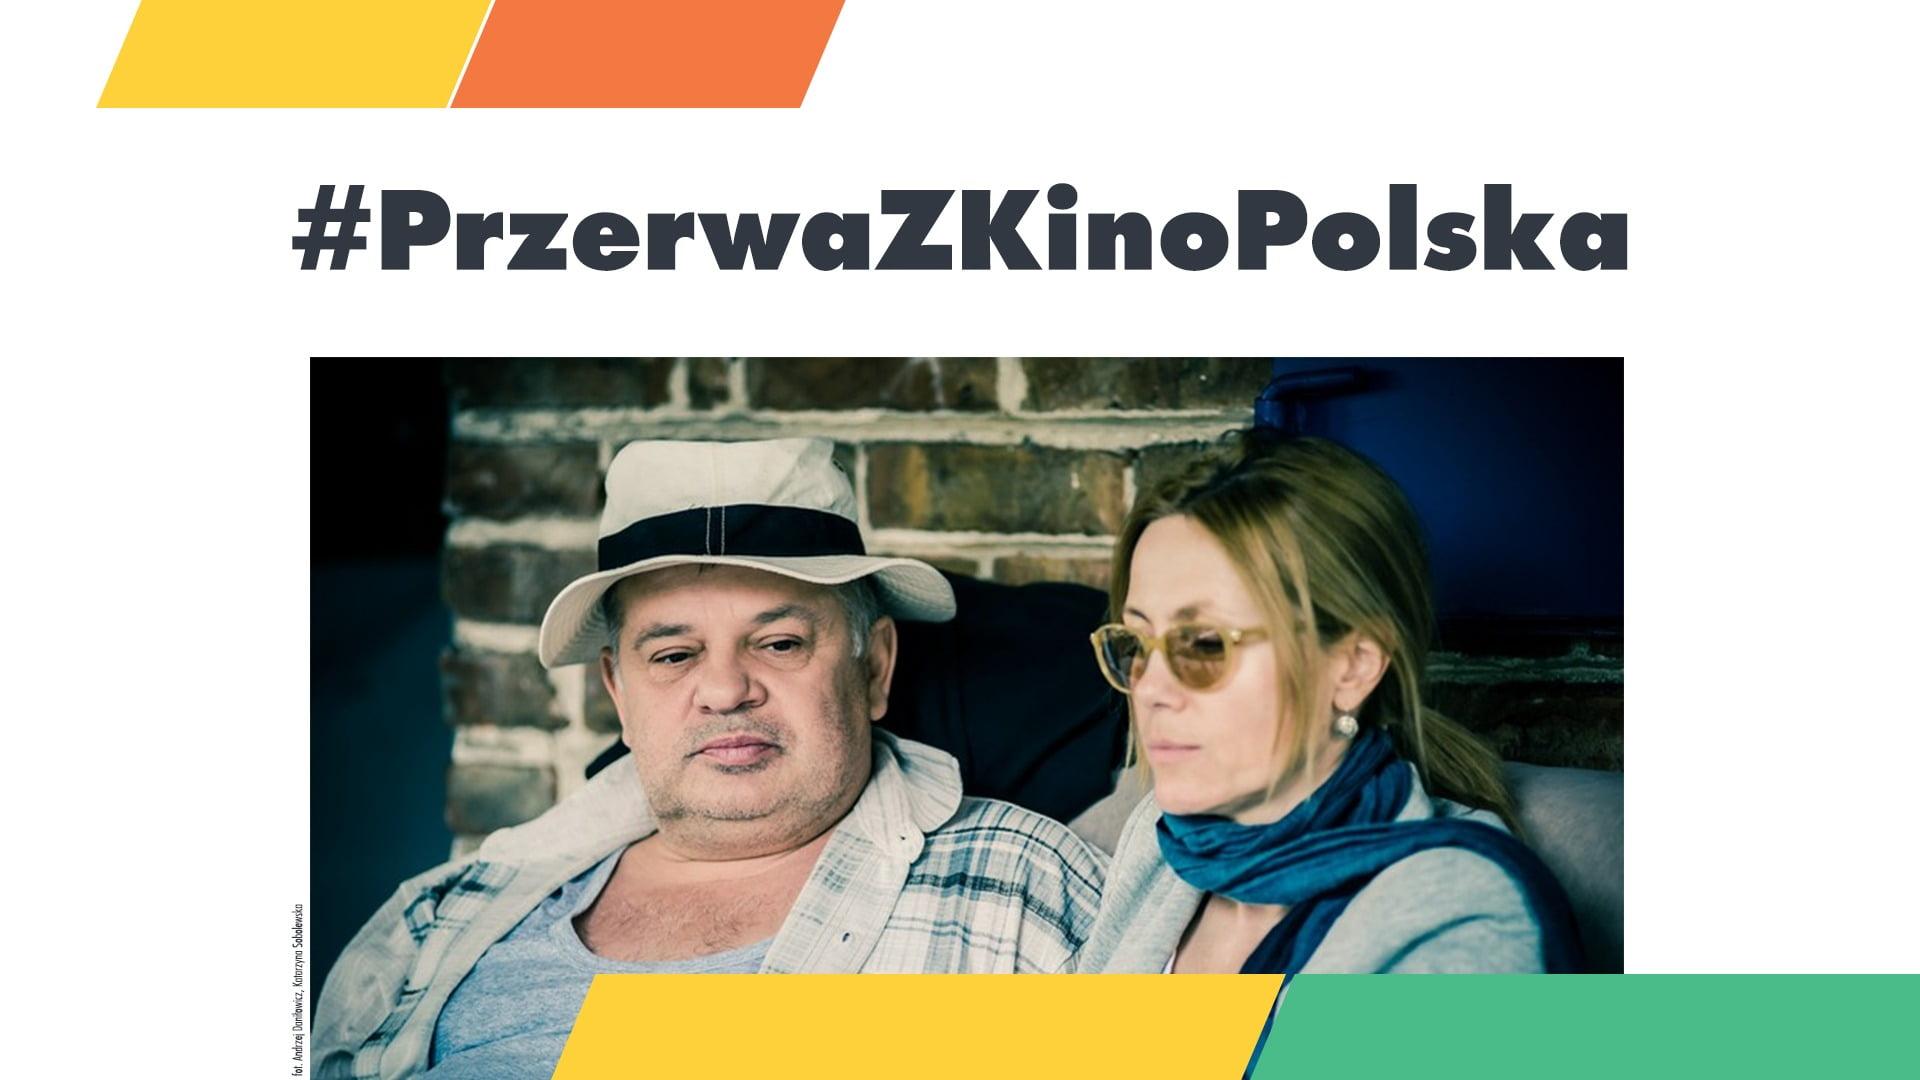 #PrzerwaZKinoPolska